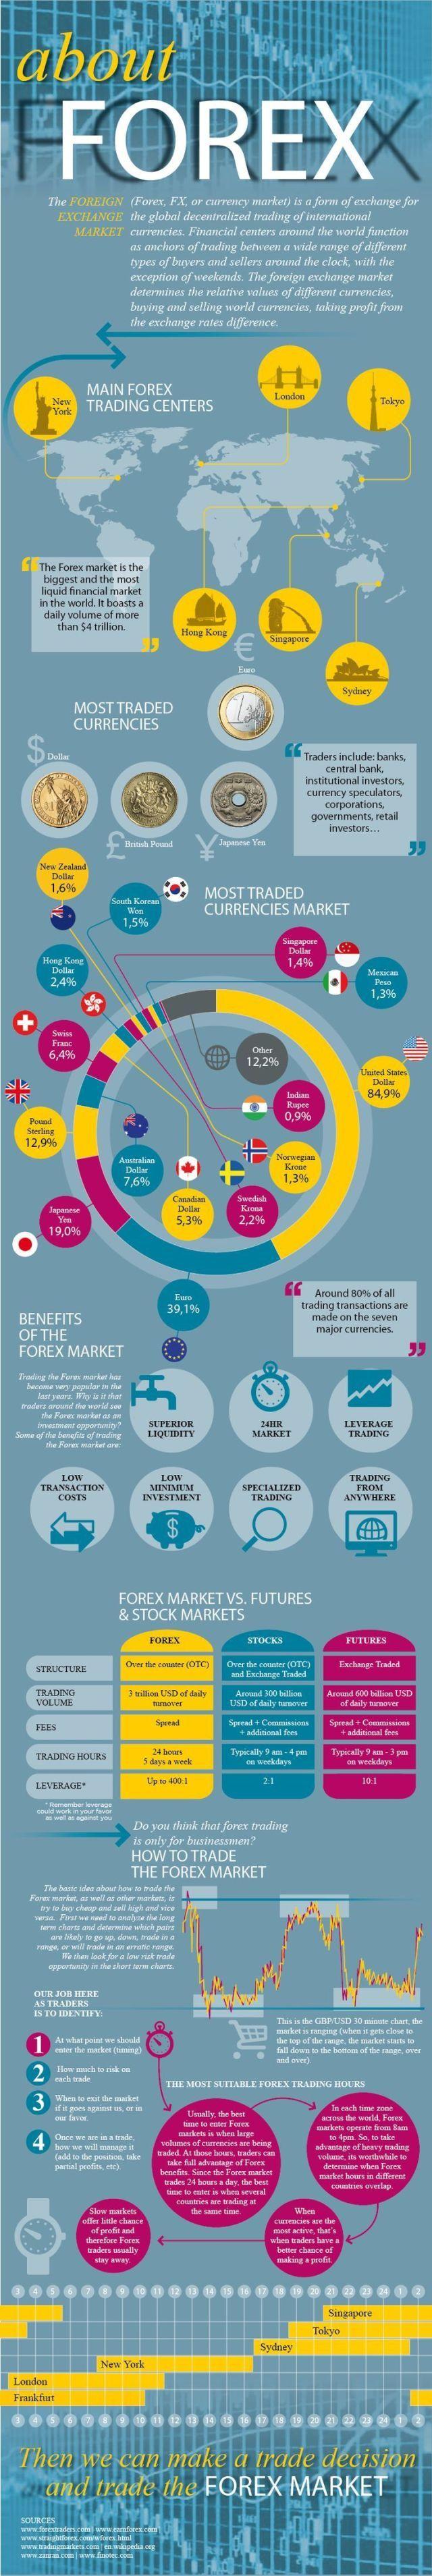 Learn trade forex market